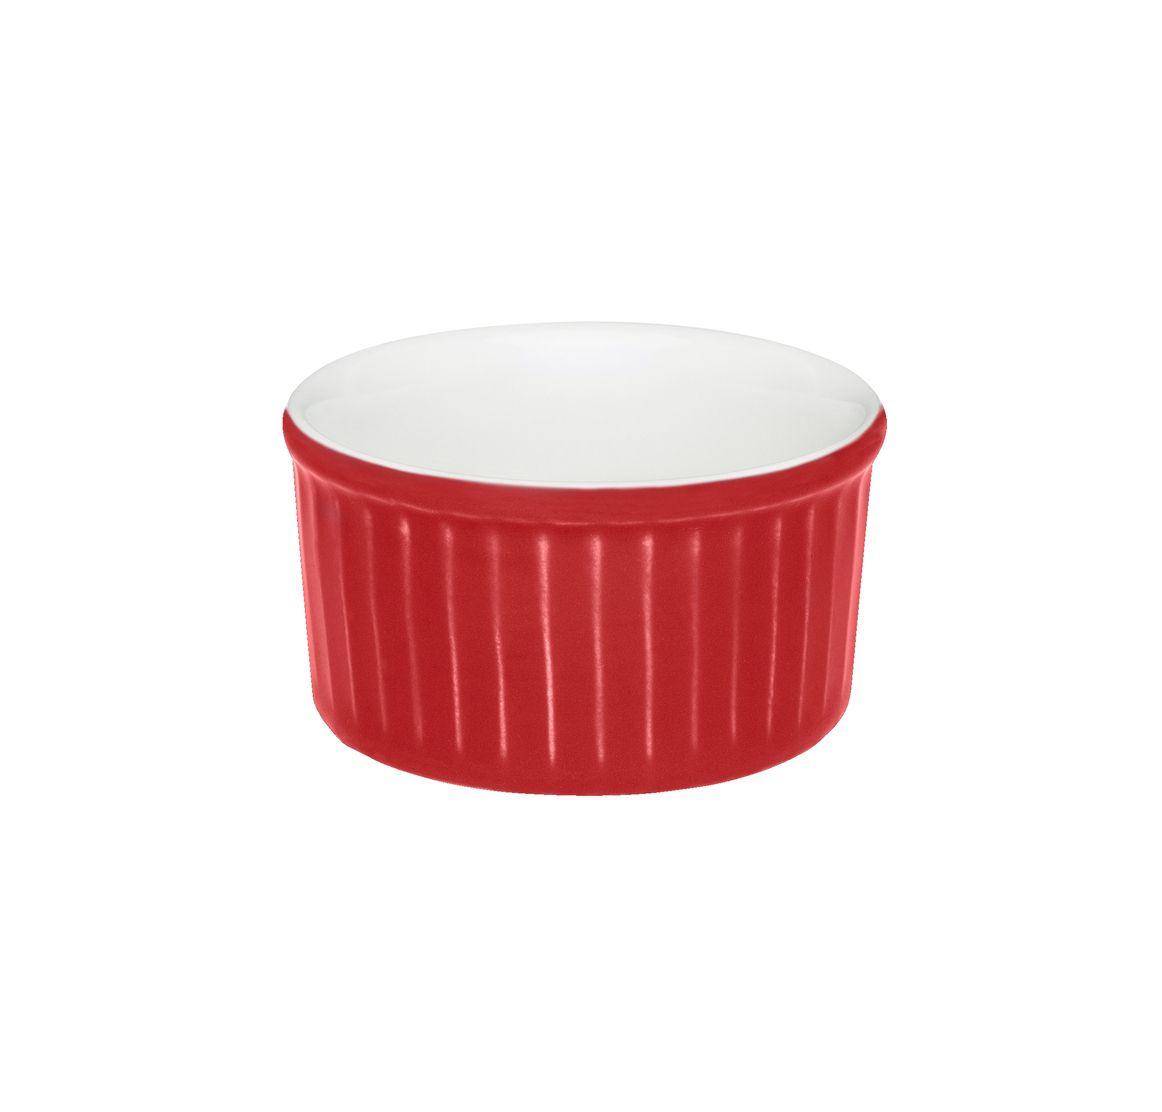 Tigela Ramequin 8X4Cm 100Ml - Branco/Vermelho - Oxford Cookware